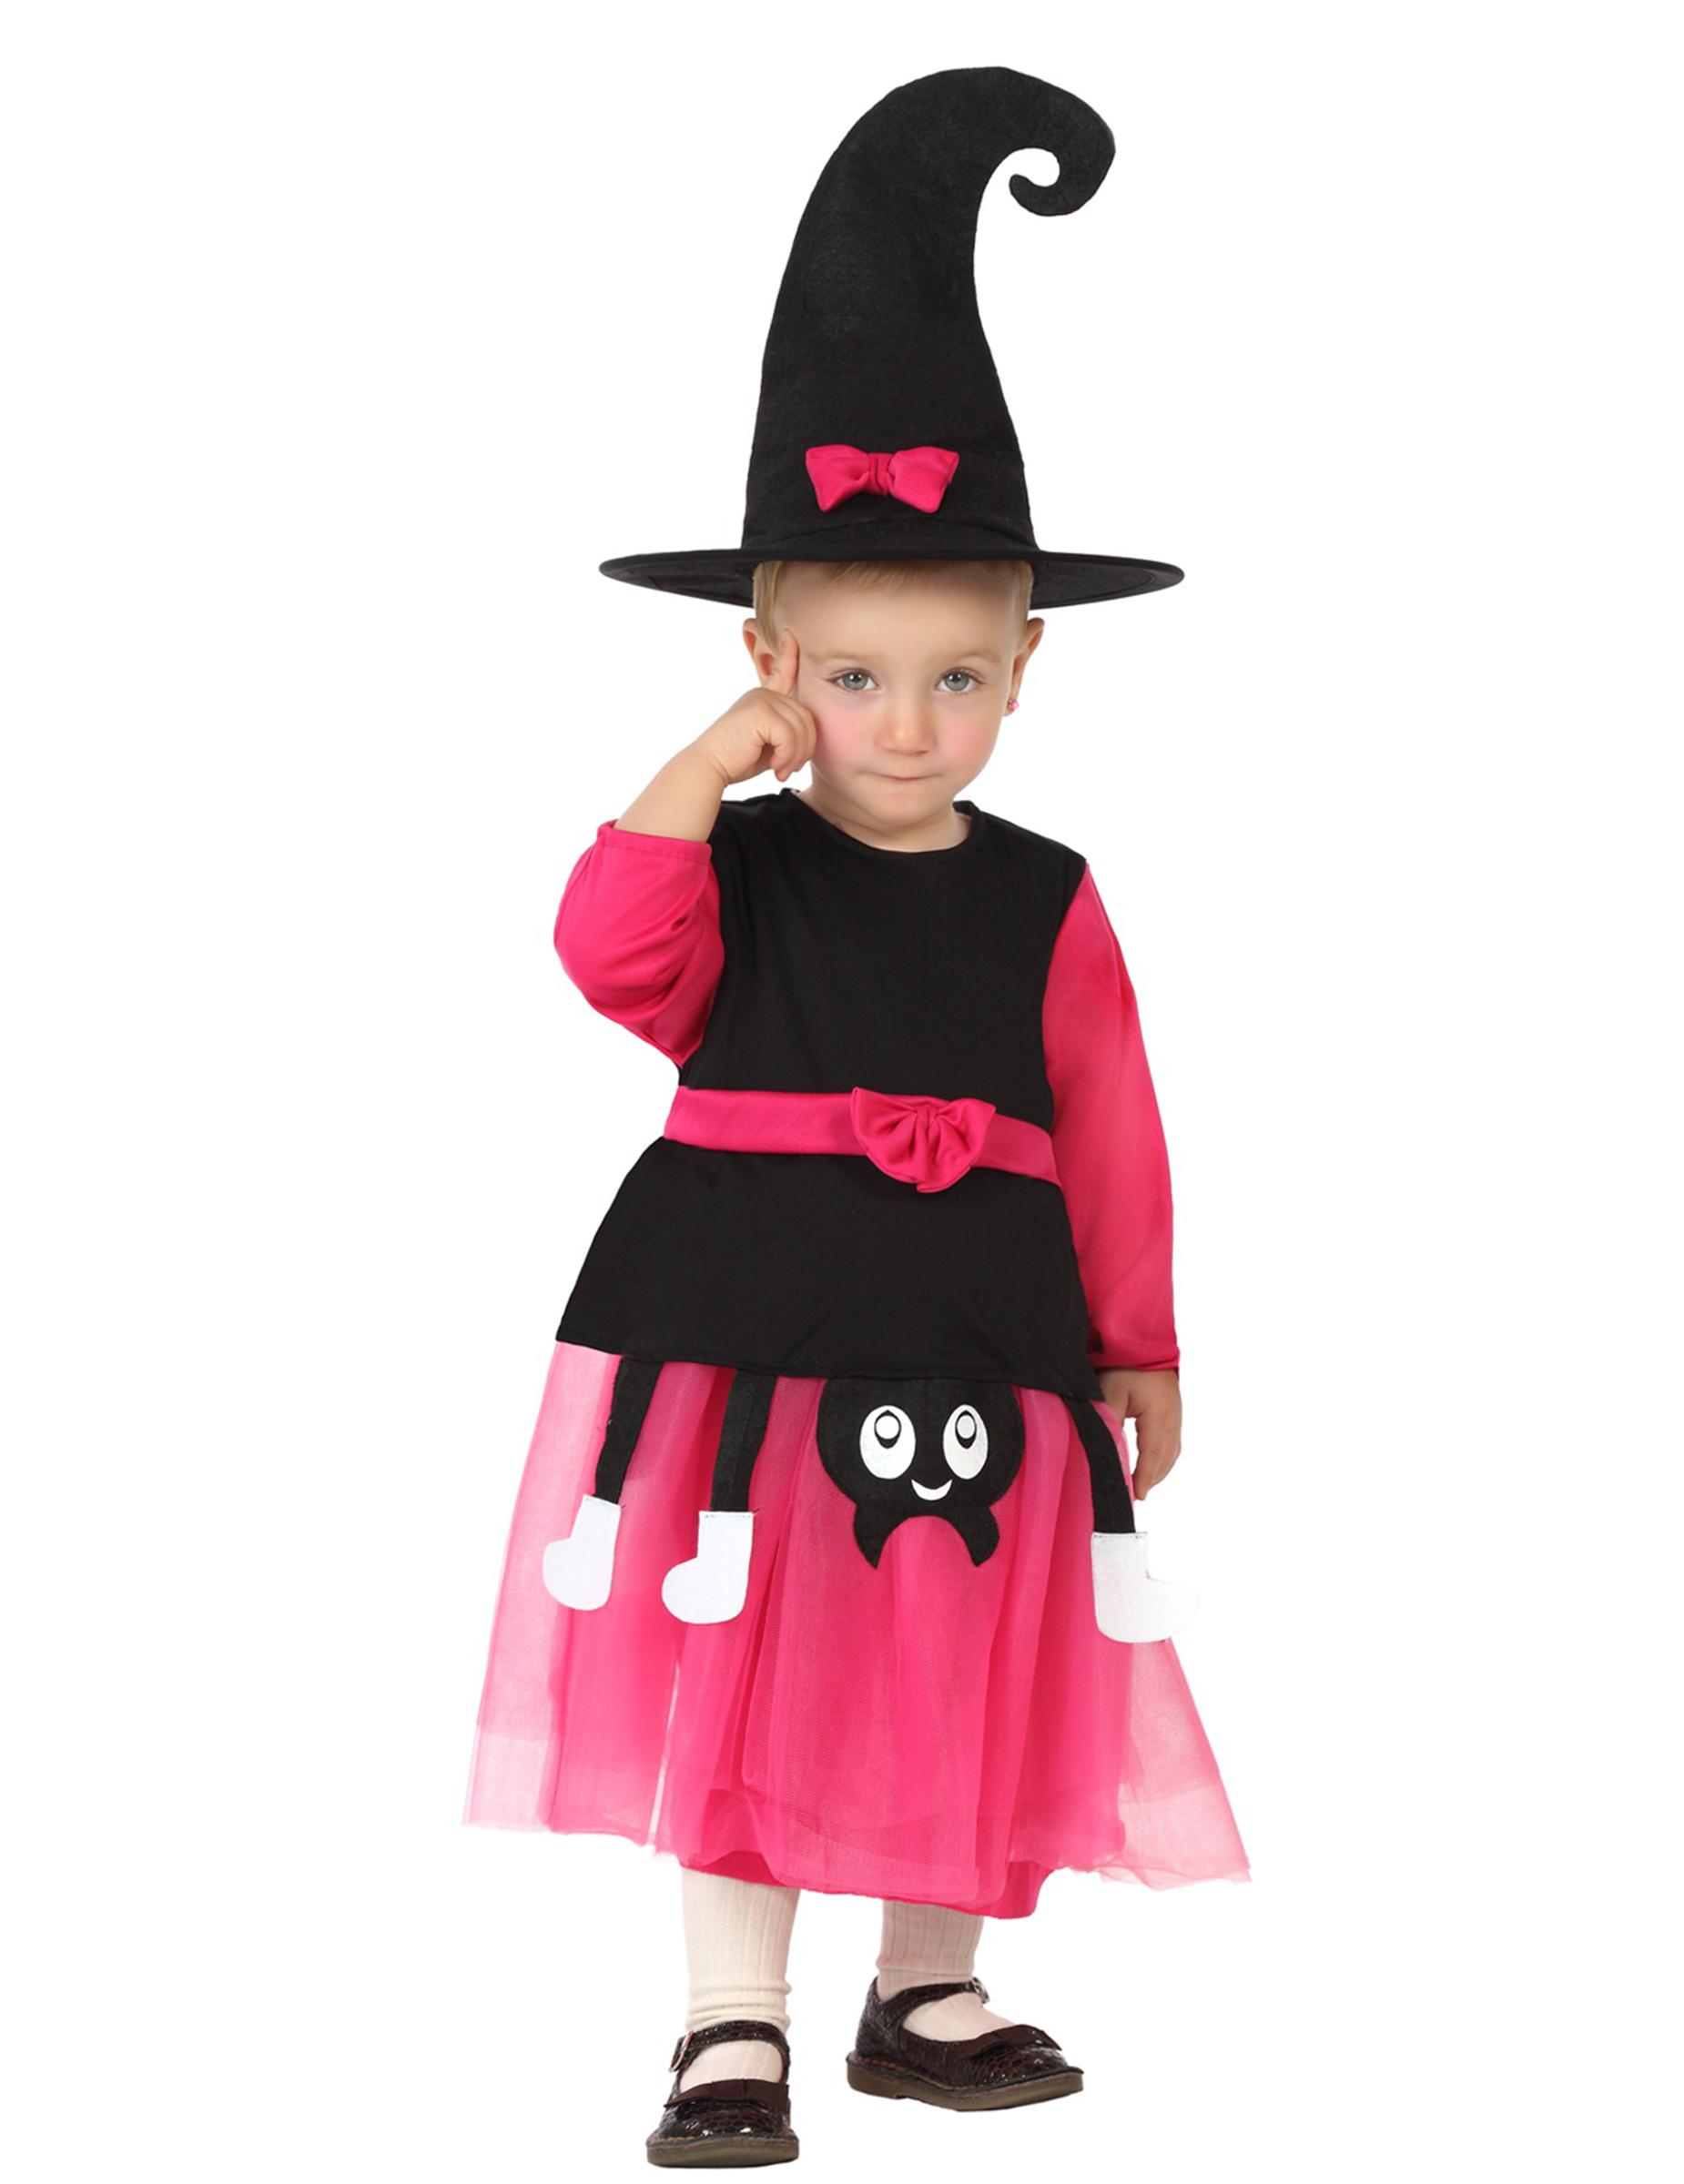 8edbc15b3 Disfarce bruxa bébé Halloween  Disfarces Crianças